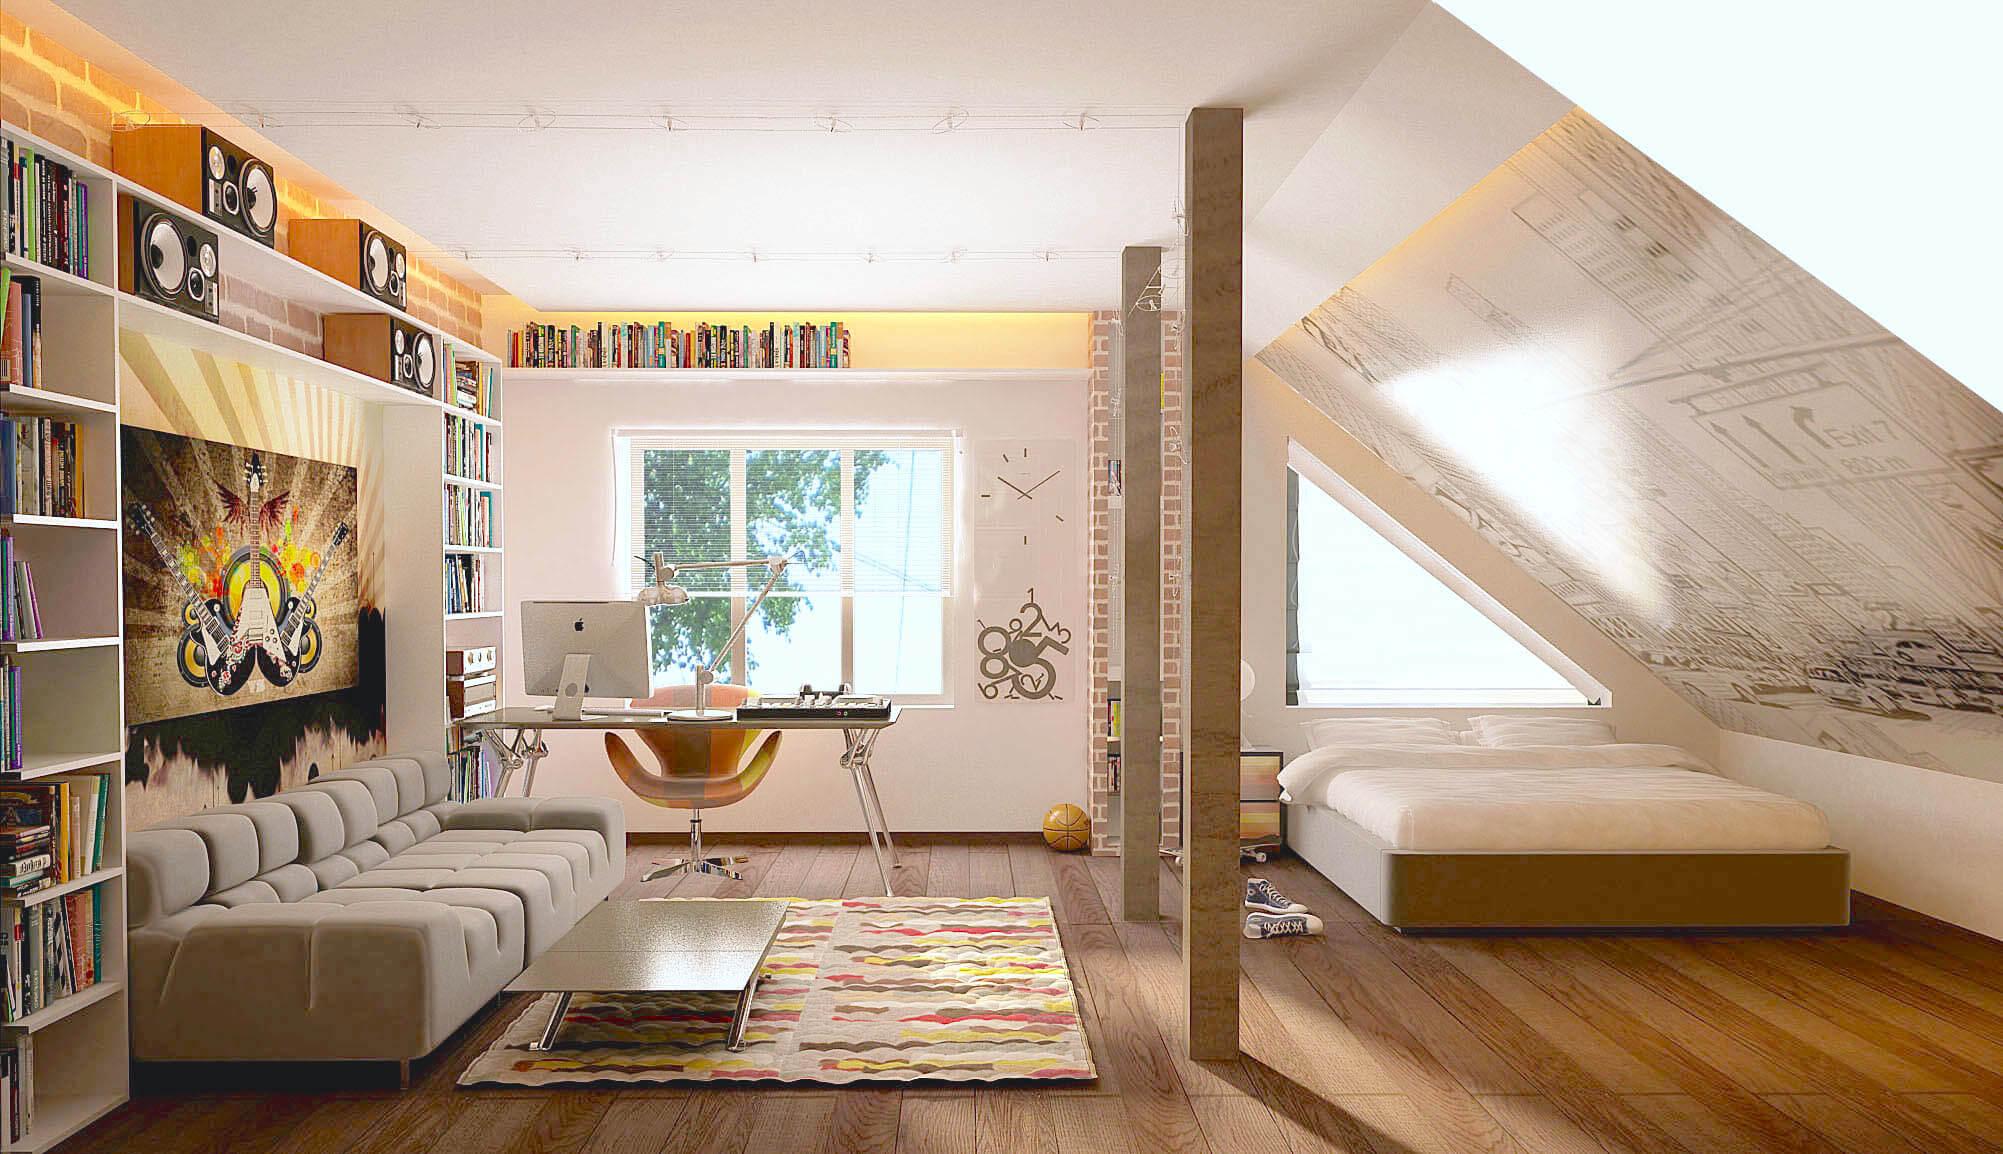 Sửa chữa nhà đẹp tăng diện tích nhờ tầng gác mái